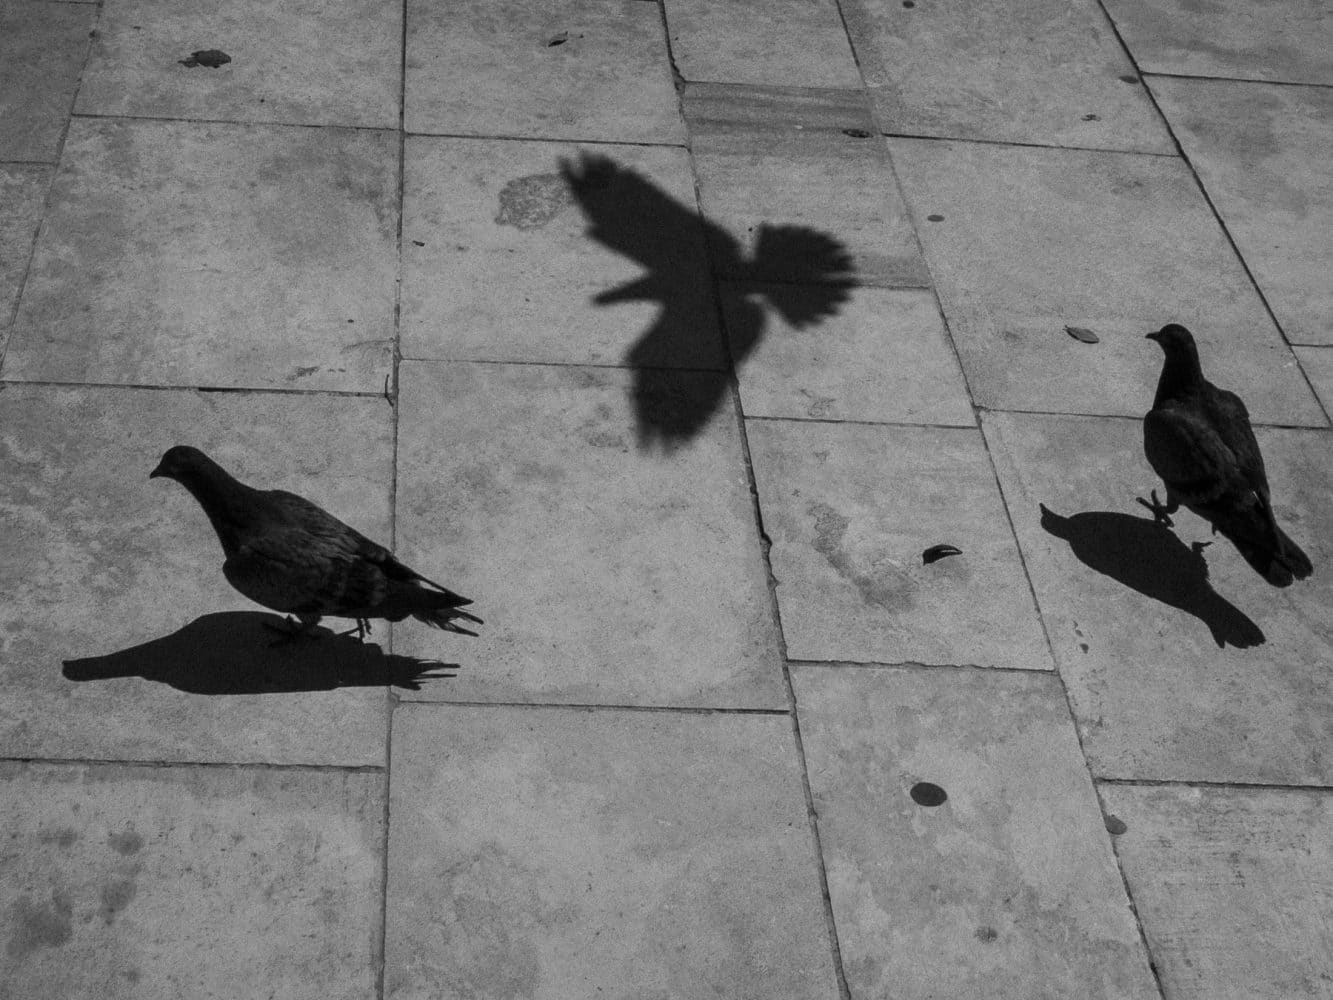 Là-bas / Les pigeons maltais